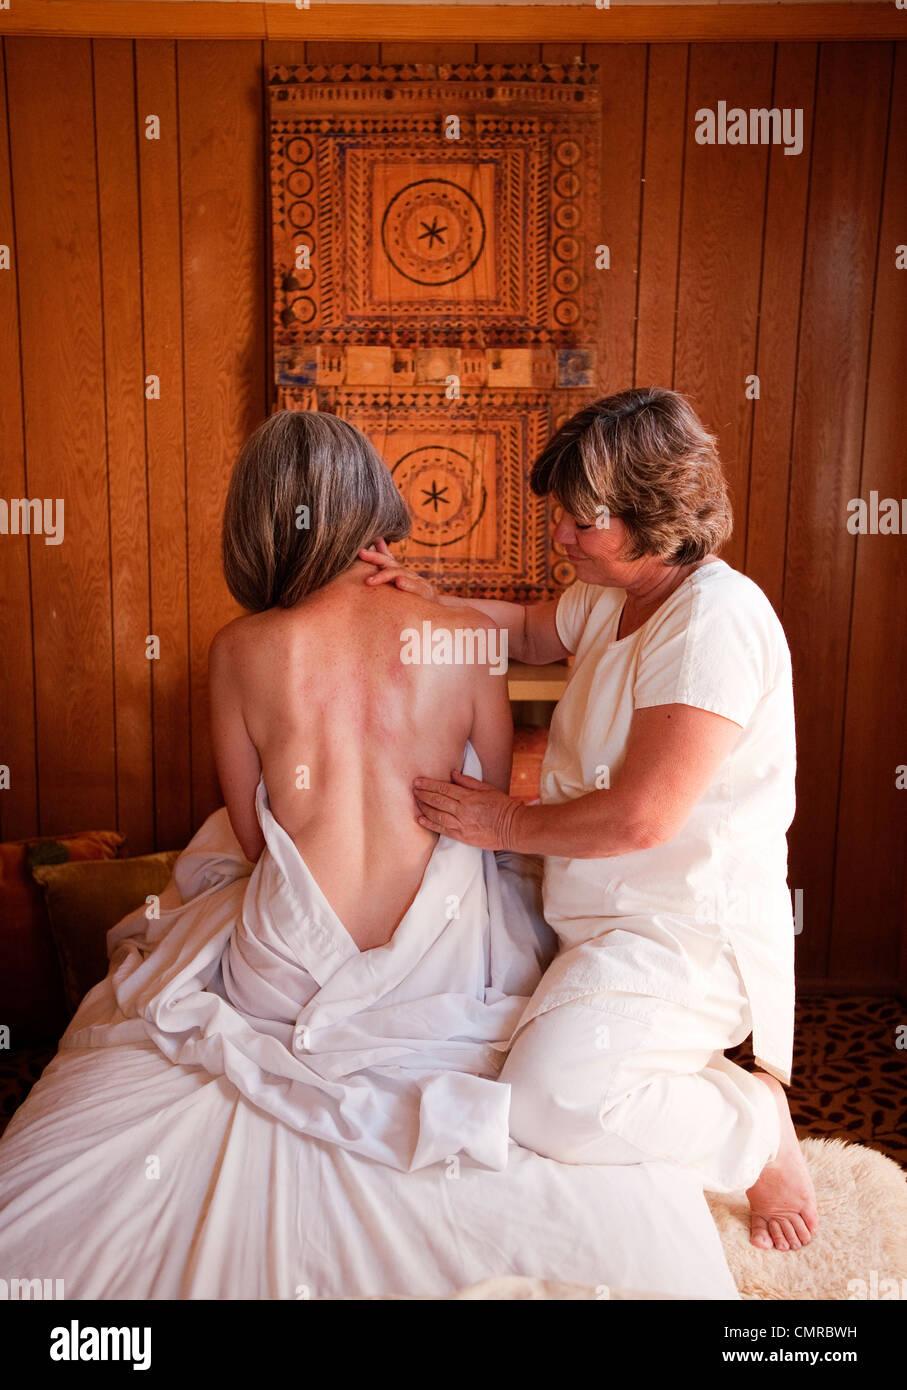 Reife Massage-Therapeut und Reife Client. Stockbild